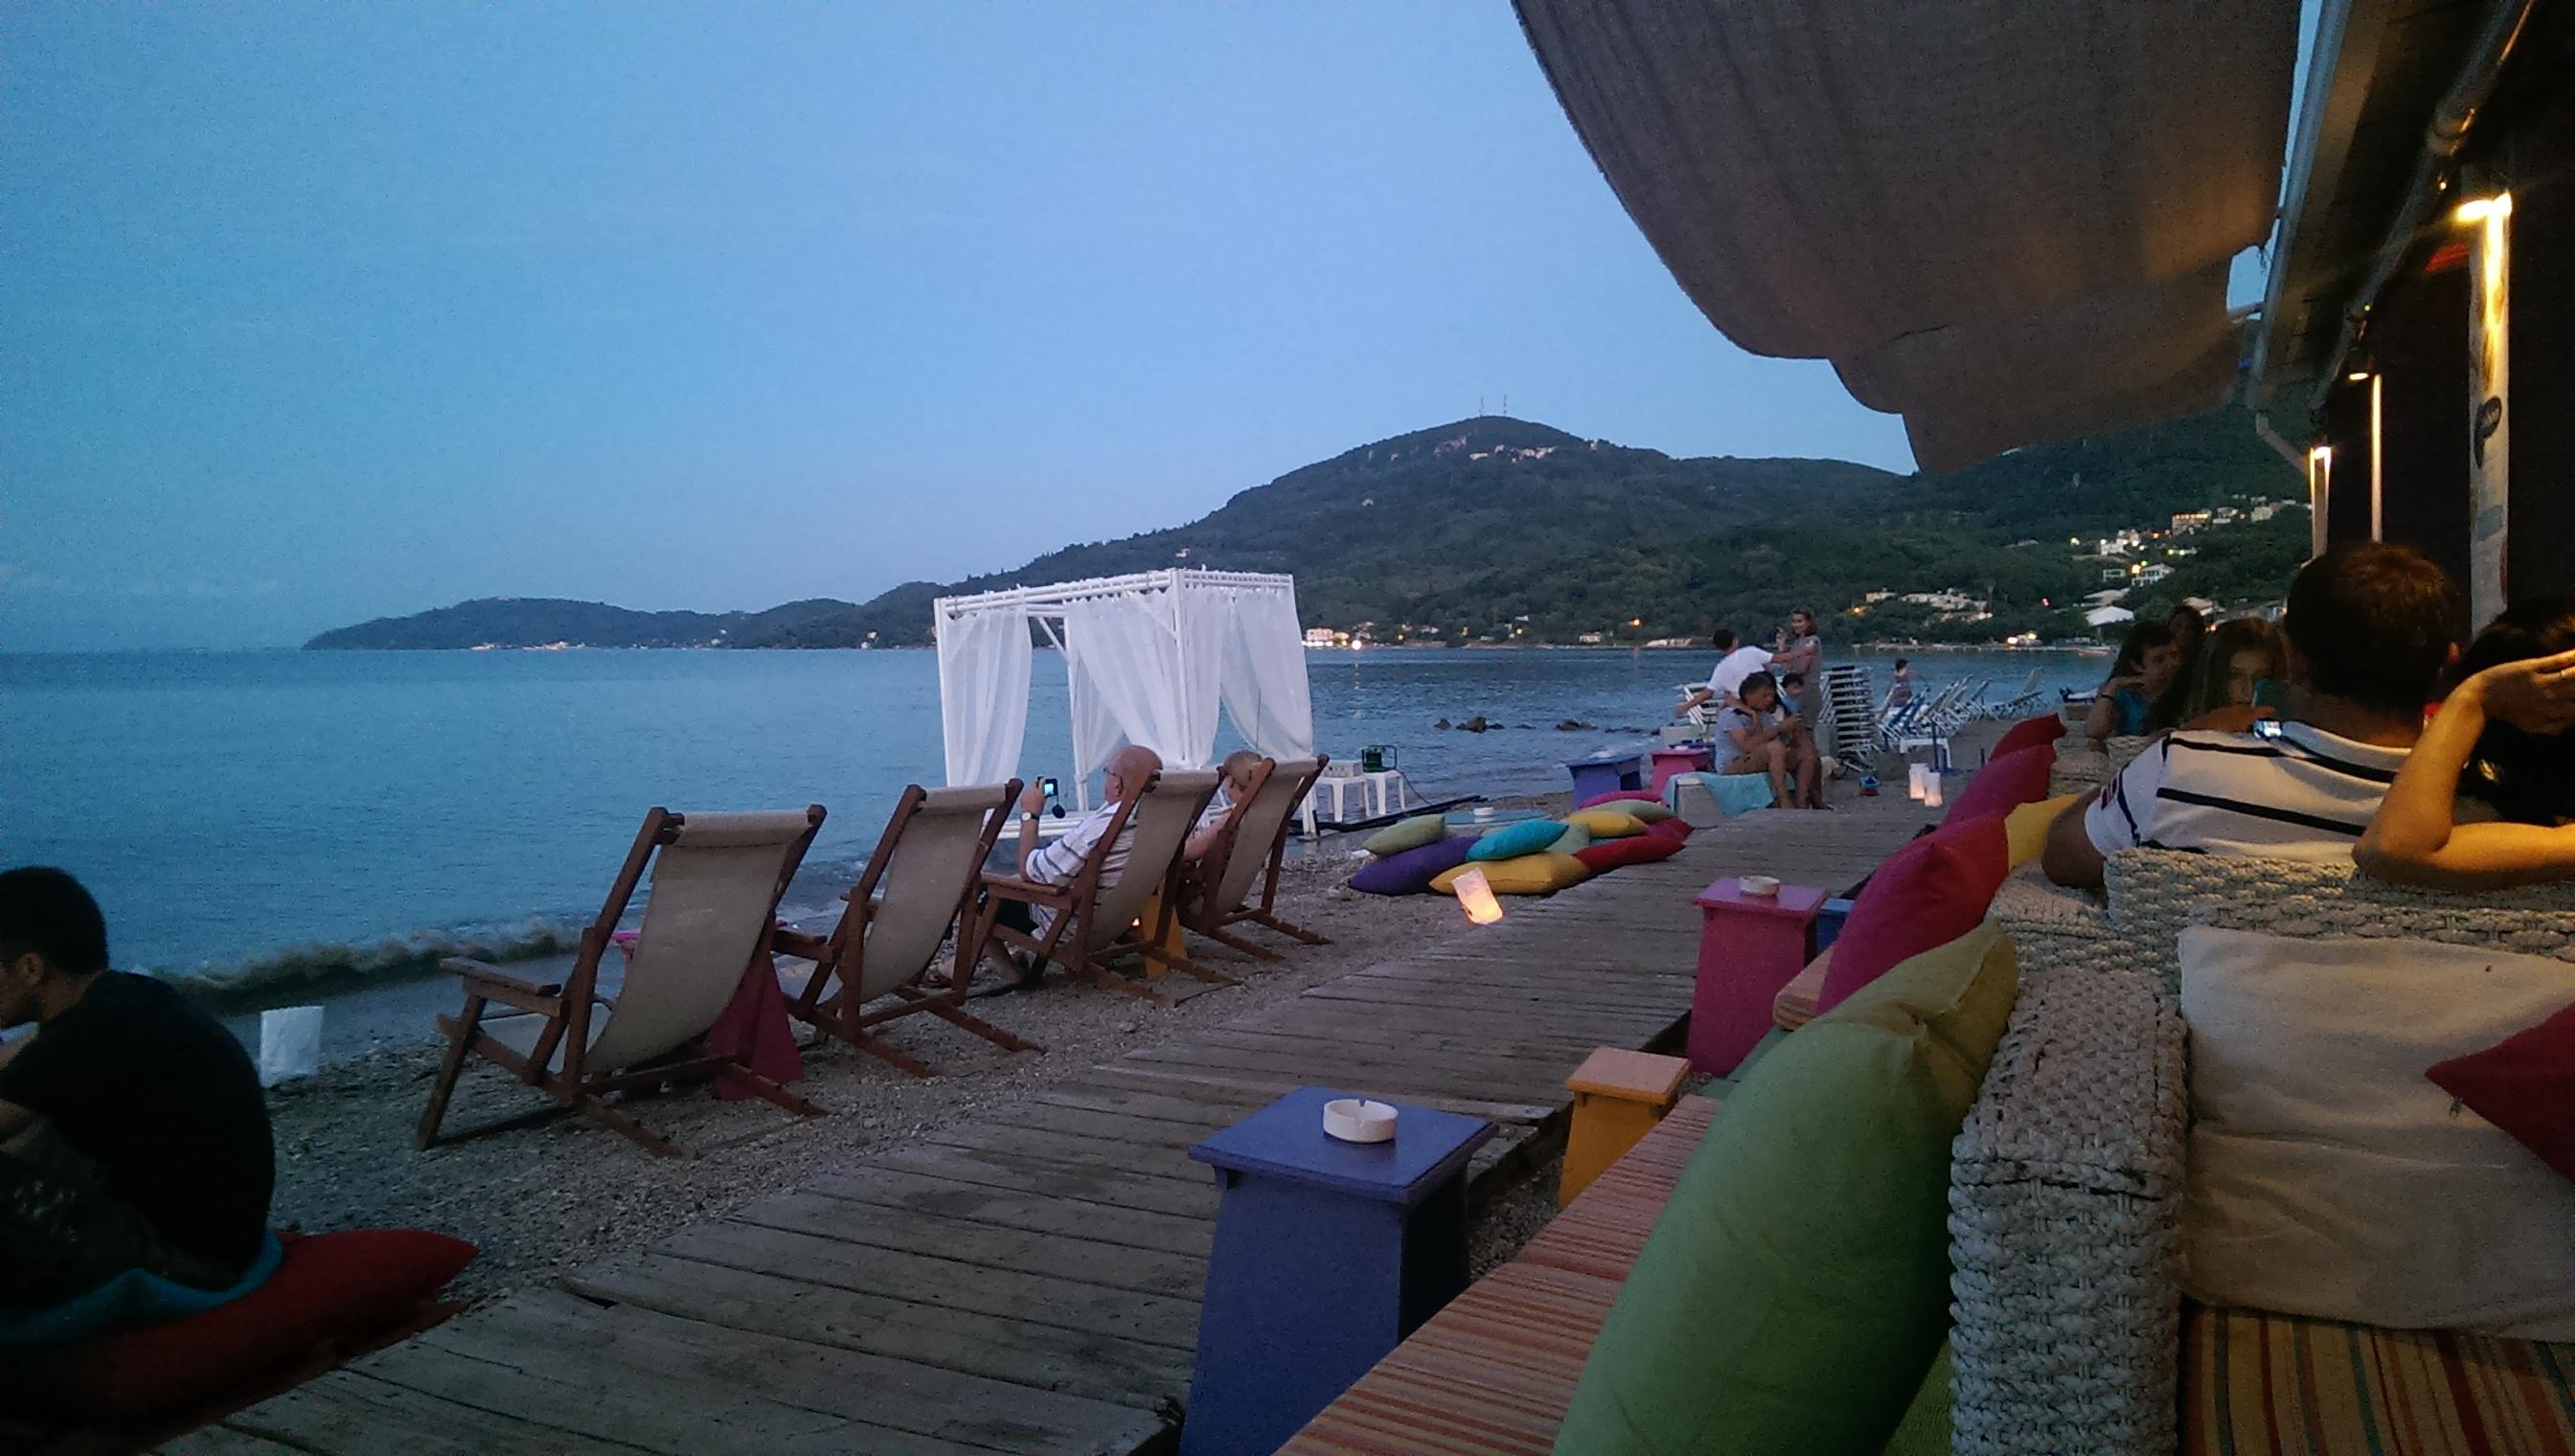 Solo beach trip cocktail